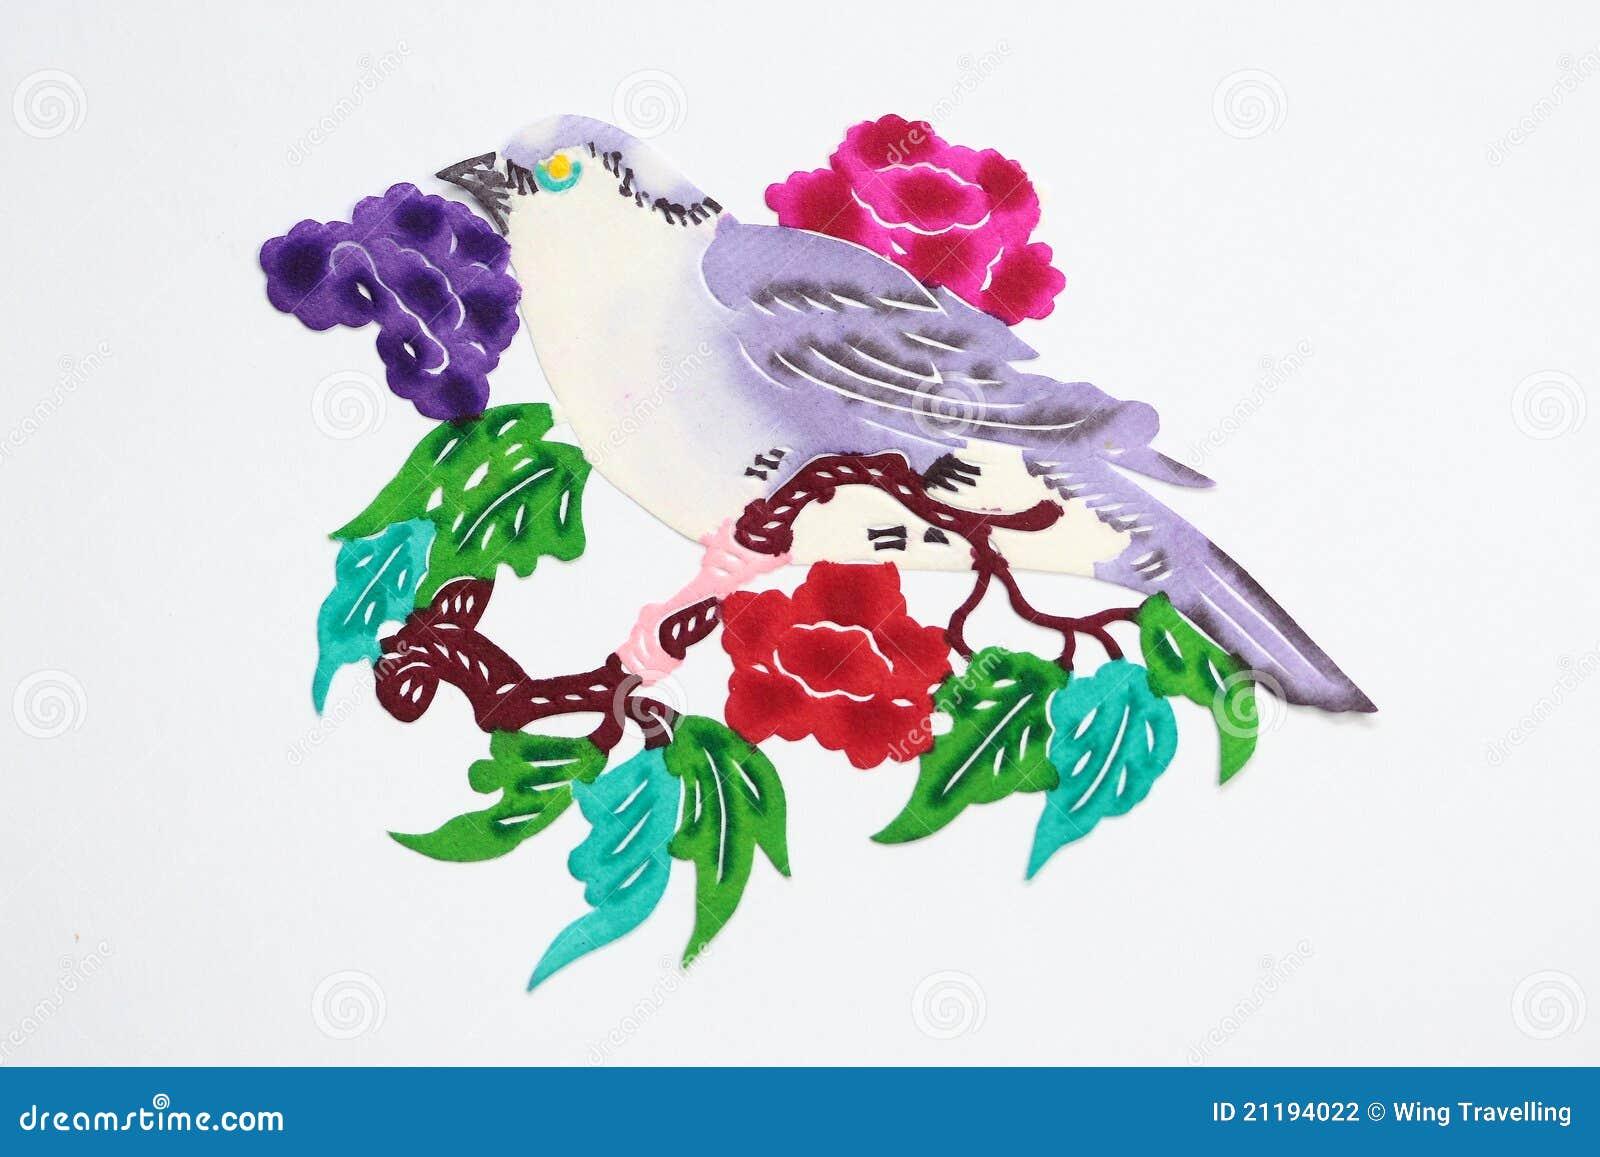 Paper-cut of bird